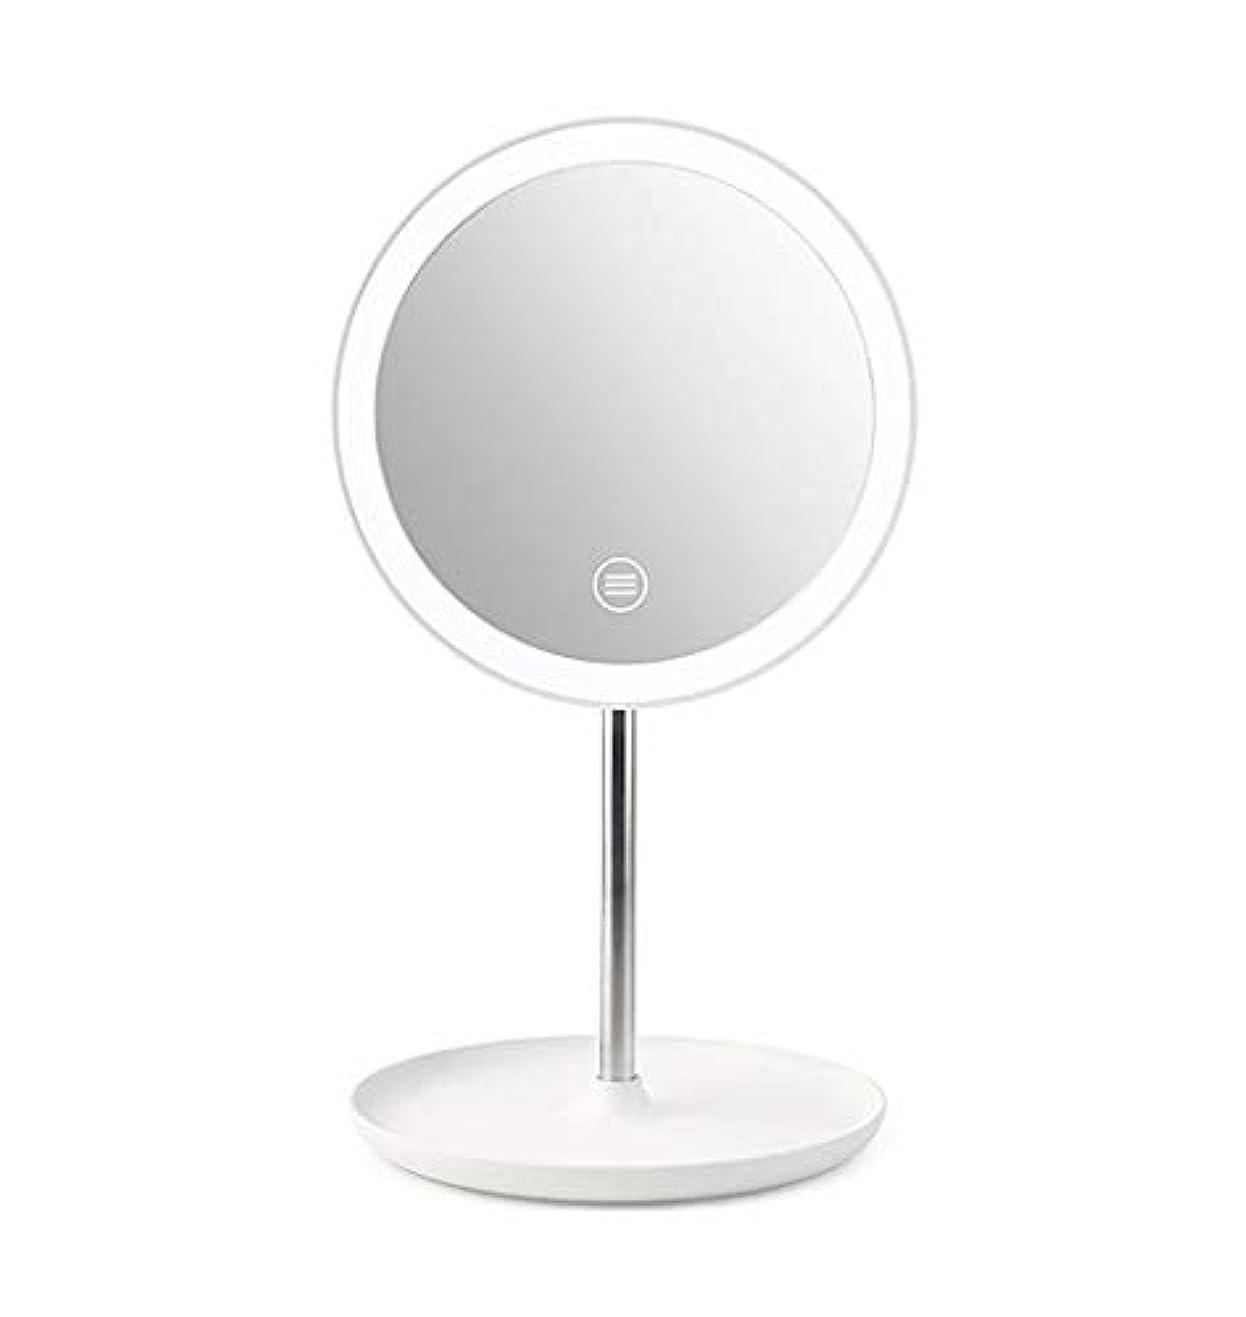 話をするいまドライLED化粧鏡コンパクト、スタンド付き化粧鏡LEDライト付き照明付きバニティミラー調光可能なタッチスクリーン卓上化粧鏡180°回転USB充電